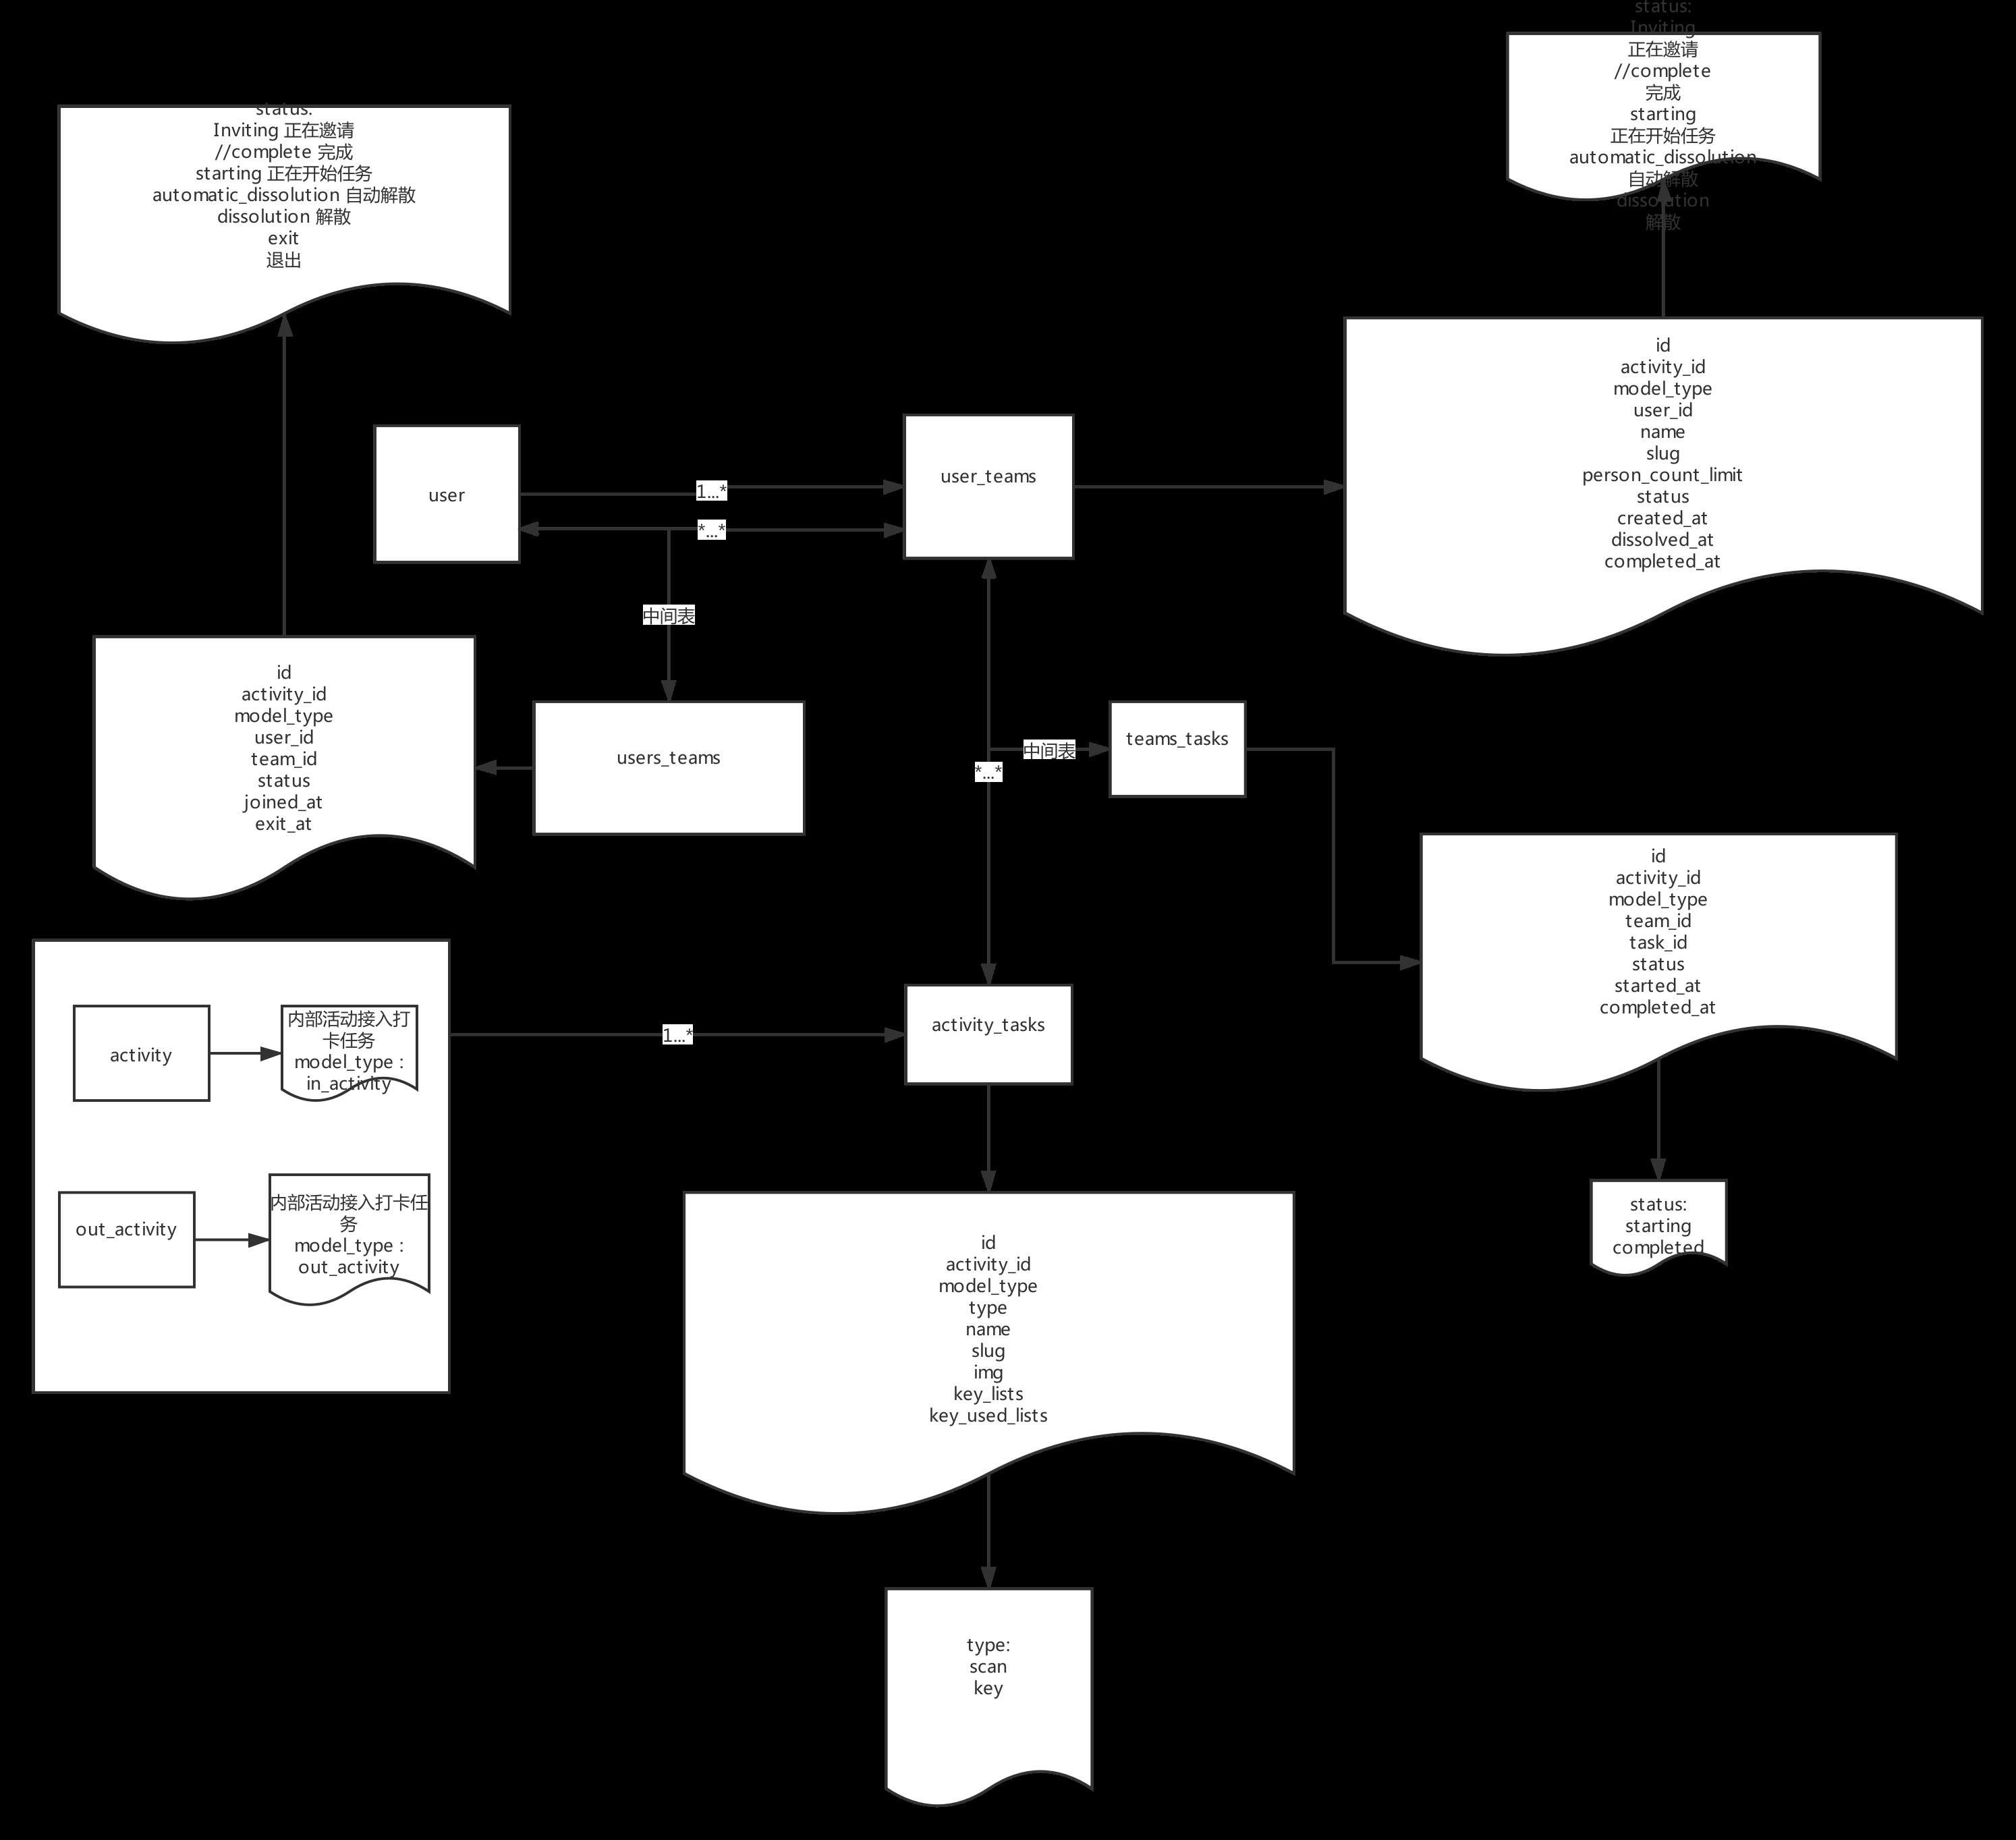 打卡模型 (1).png